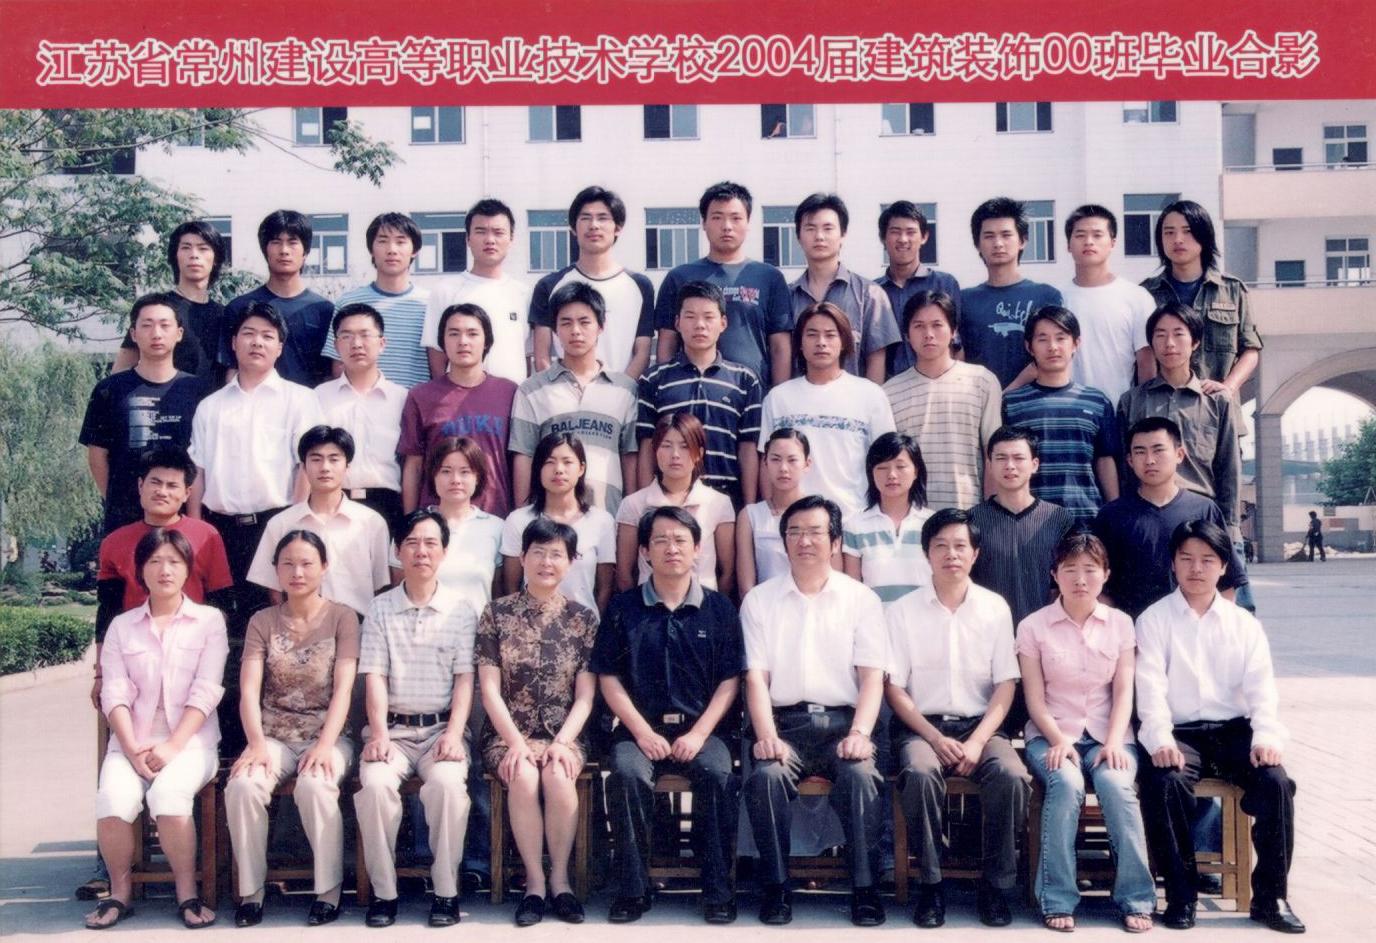 2004届建筑装饰00班毕业合影